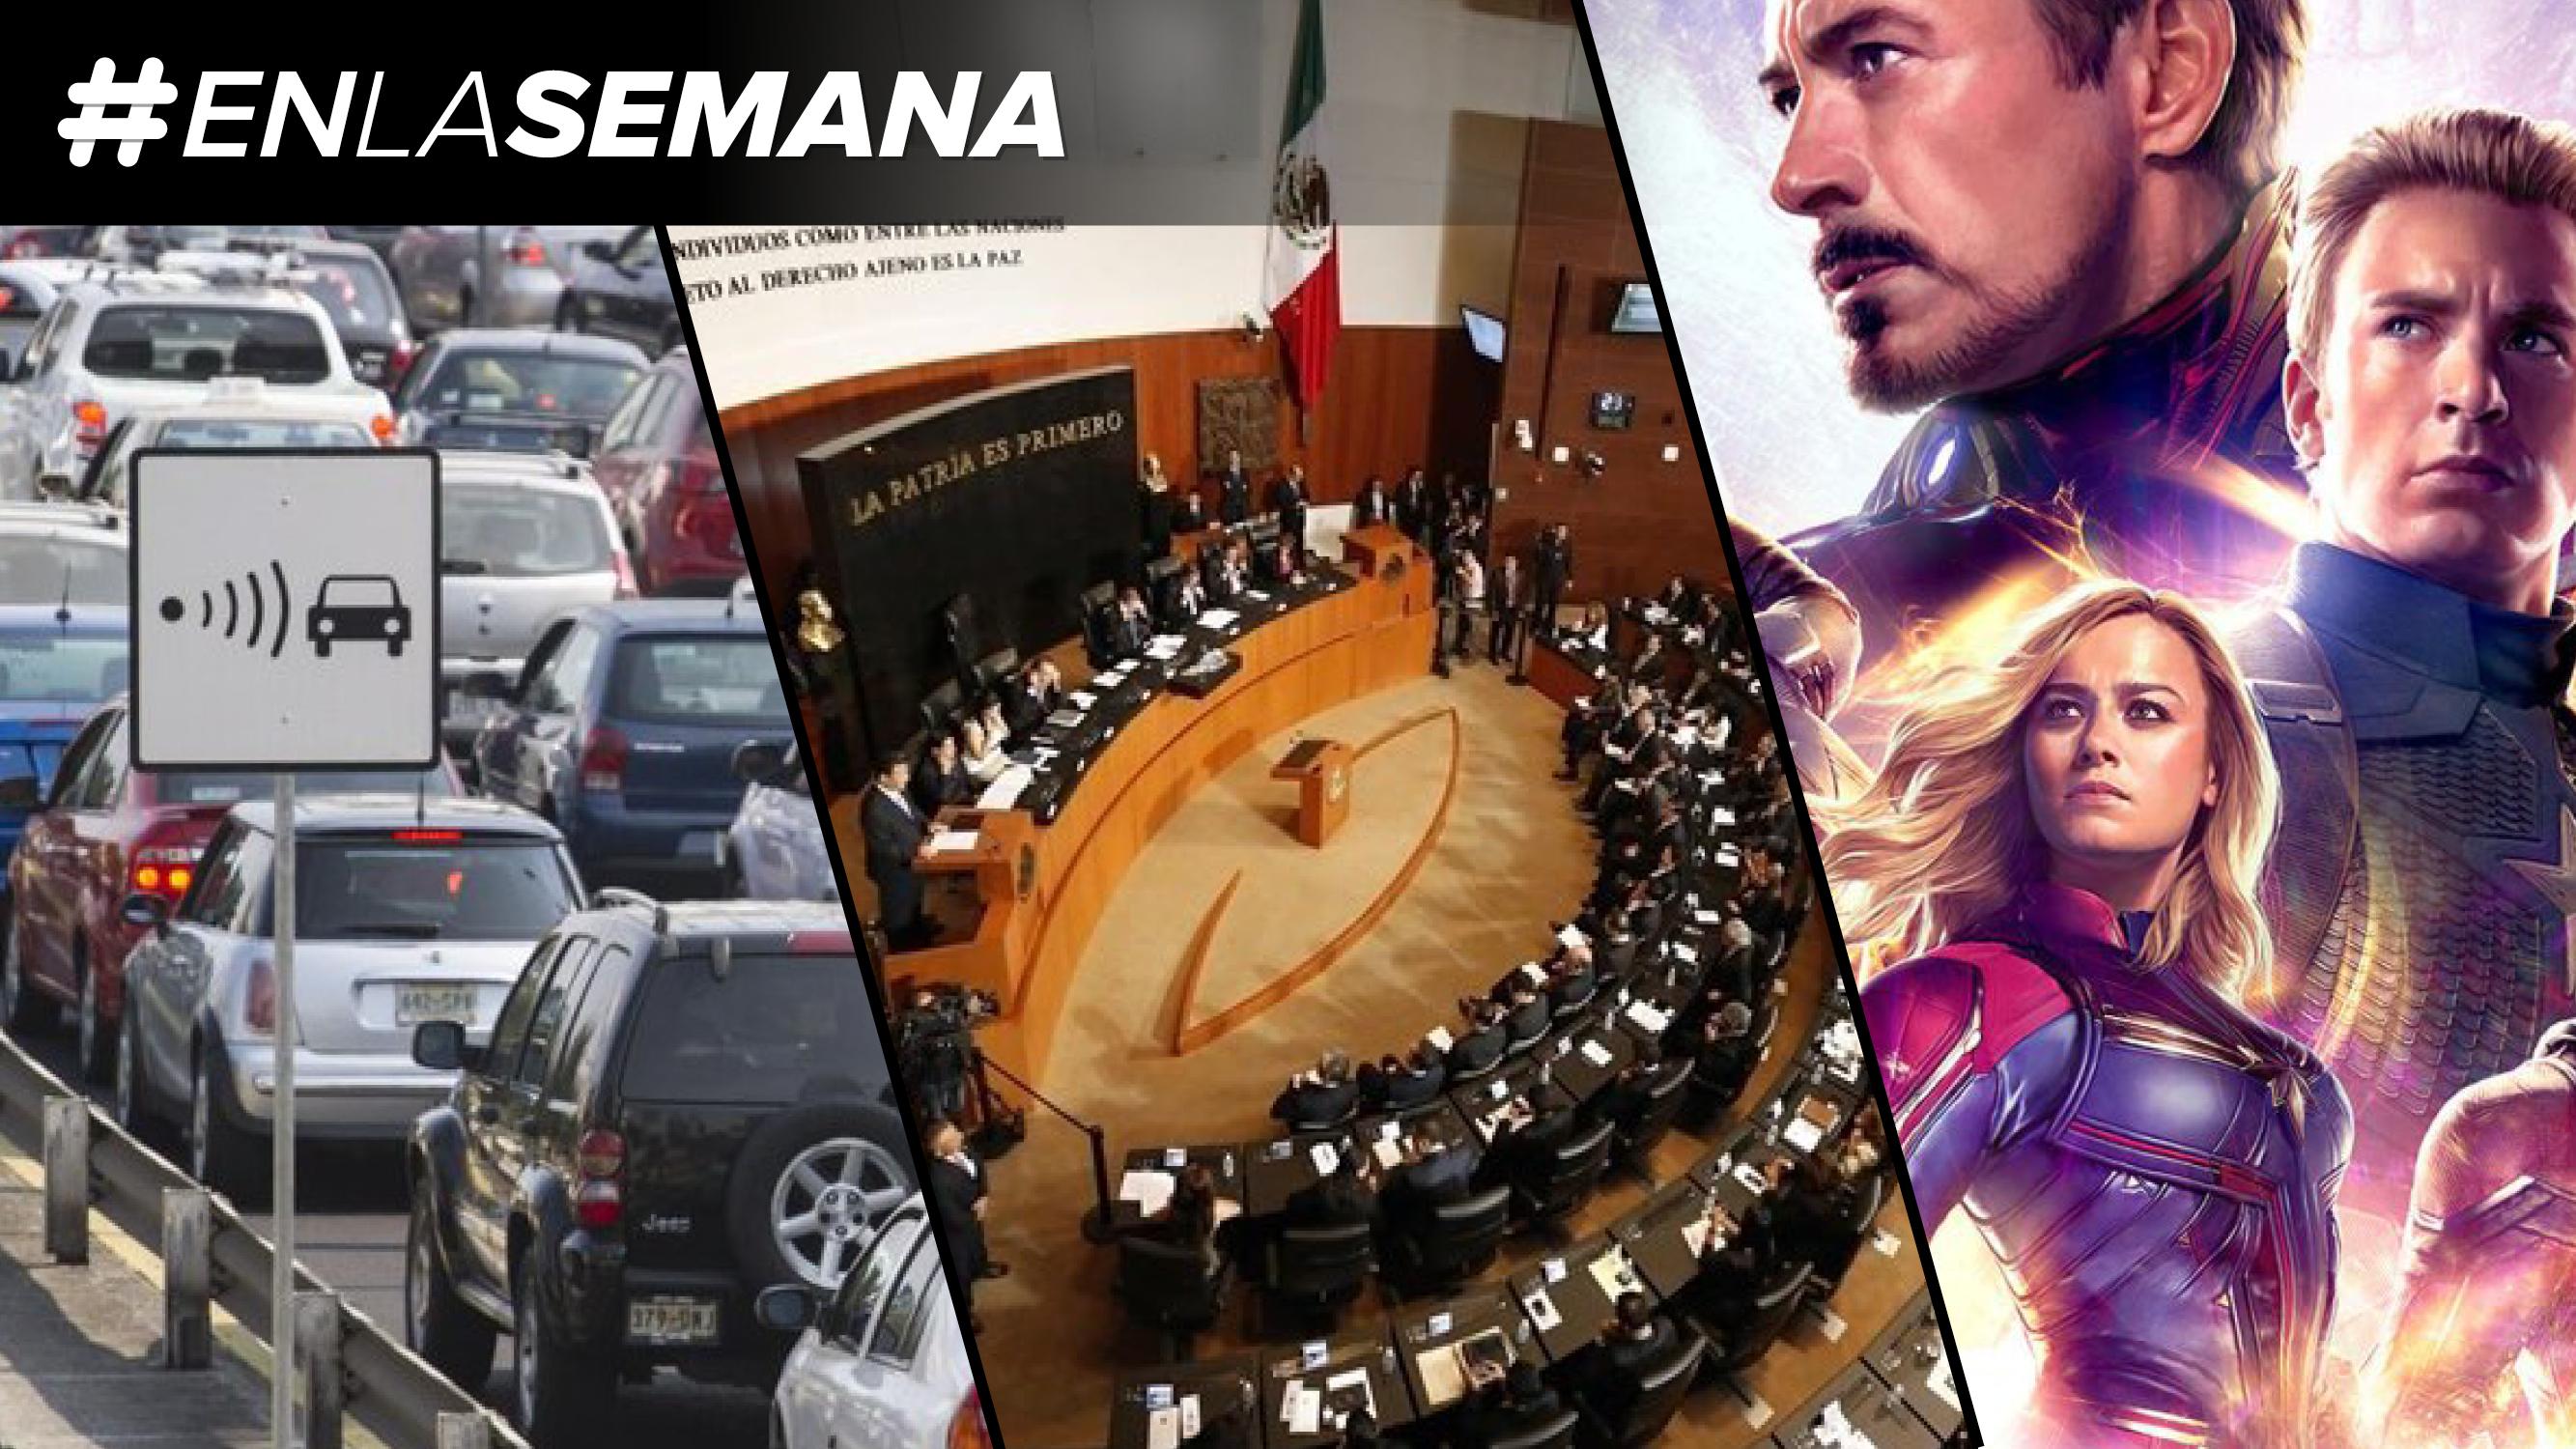 Agenda Forbes | Llegan las fotocívicas; la reforma laboral sigue su paso, y 'Avengers: Endgame' va por taquilla millonaria